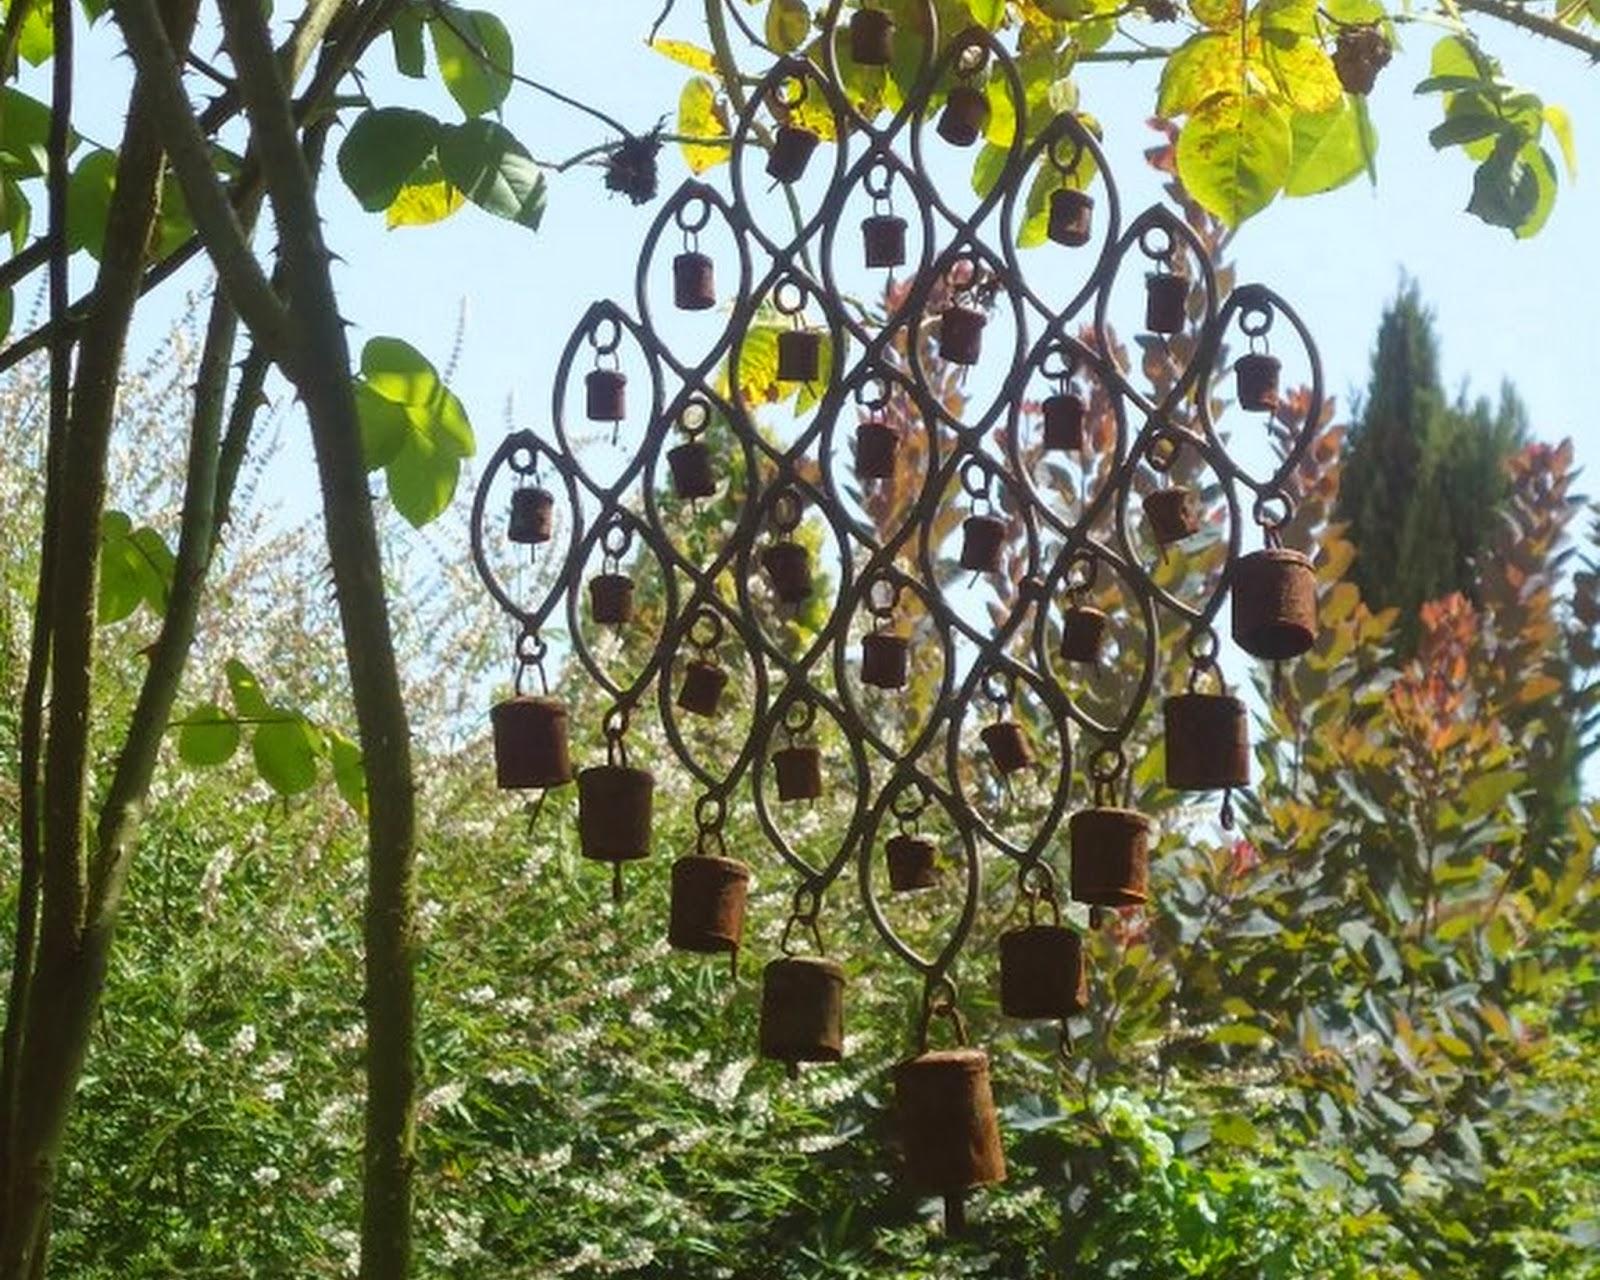 Je suis au jardin le jardin d 39 ent oulet ou trois heures for Le jardin ou l on s attarde